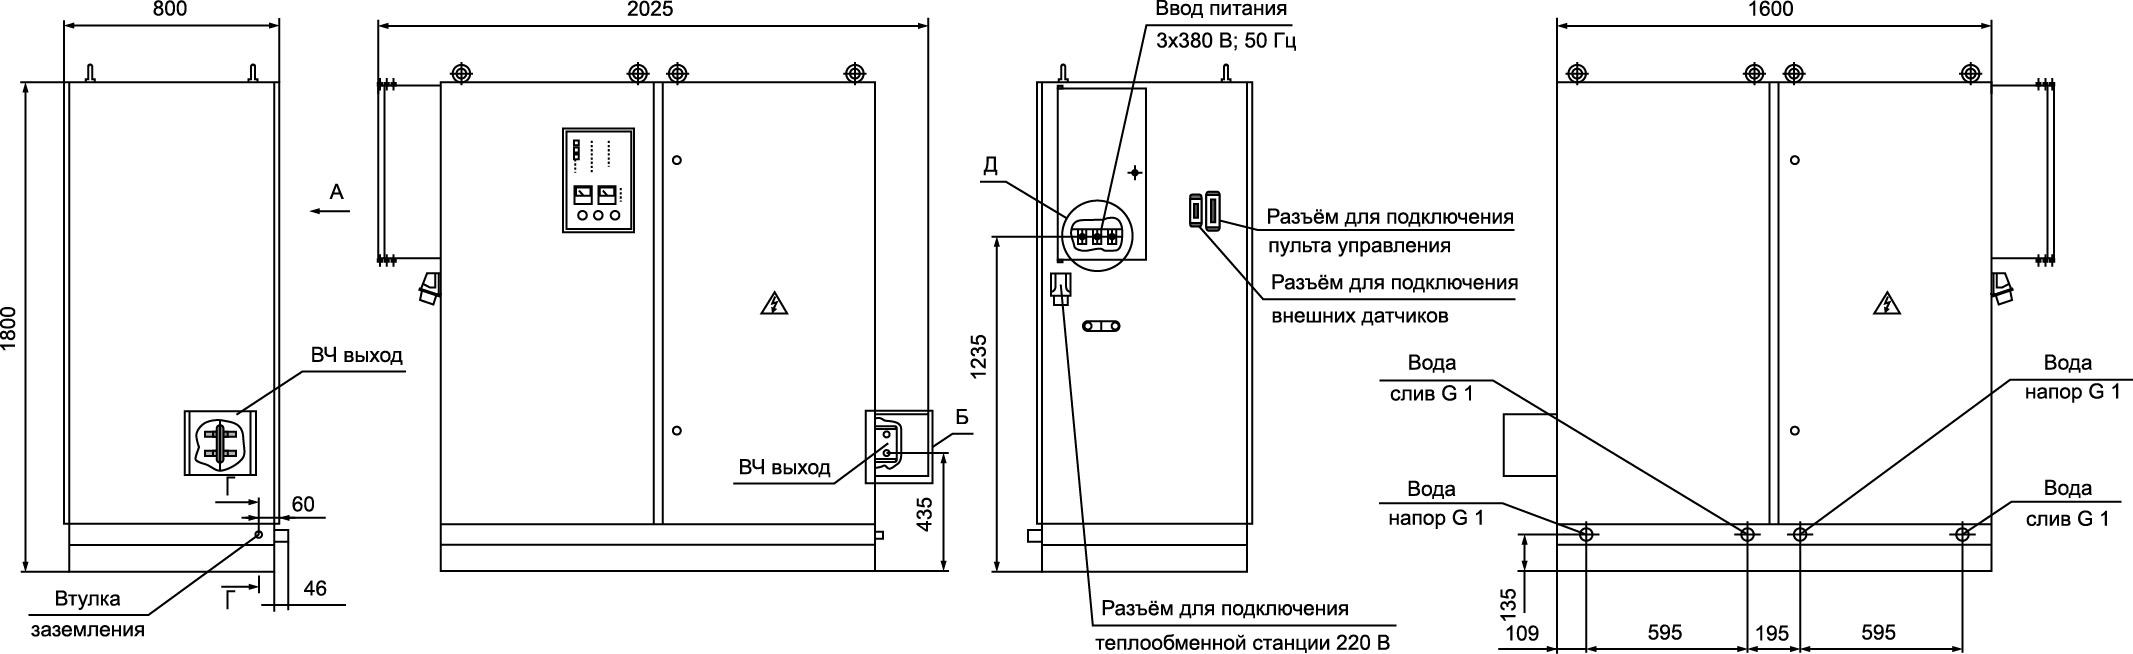 Внешние подключения и основные узлы ТПЧ «Петра-0141», габаритные размеры для справок